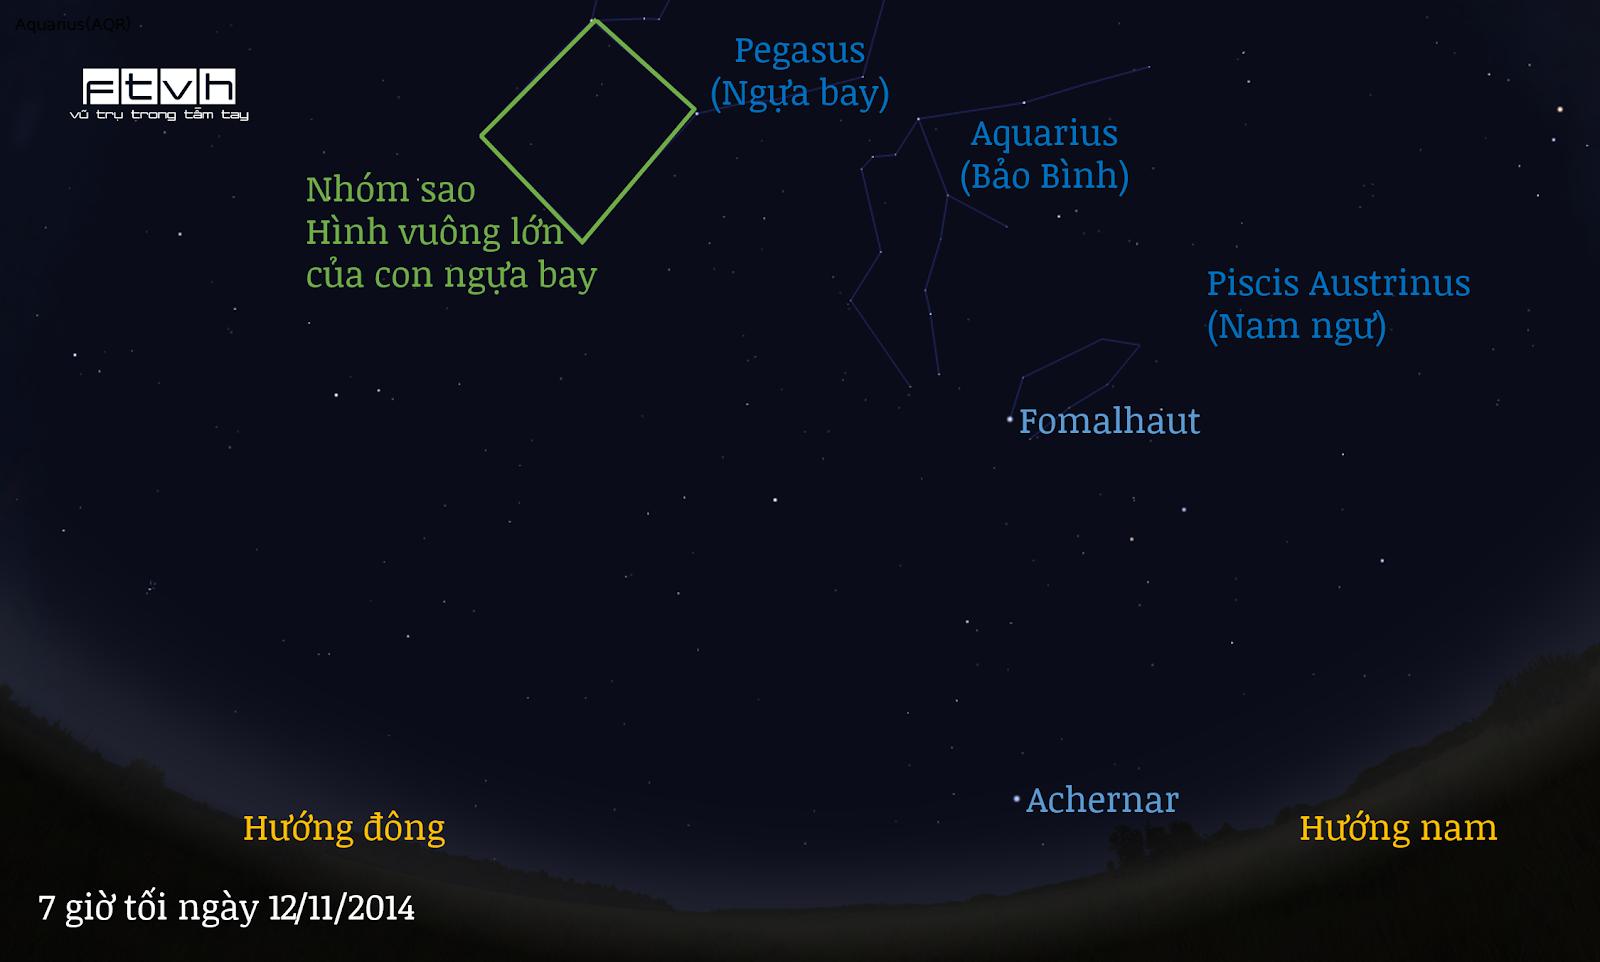 Minh họa bầu trời hướng đông nam vào lúc 7 giờ tối ngày 12/11/2014. Bảo Bình đang đổ nước để dập tắt ánh sáng của Ngôi sao cô đơn.